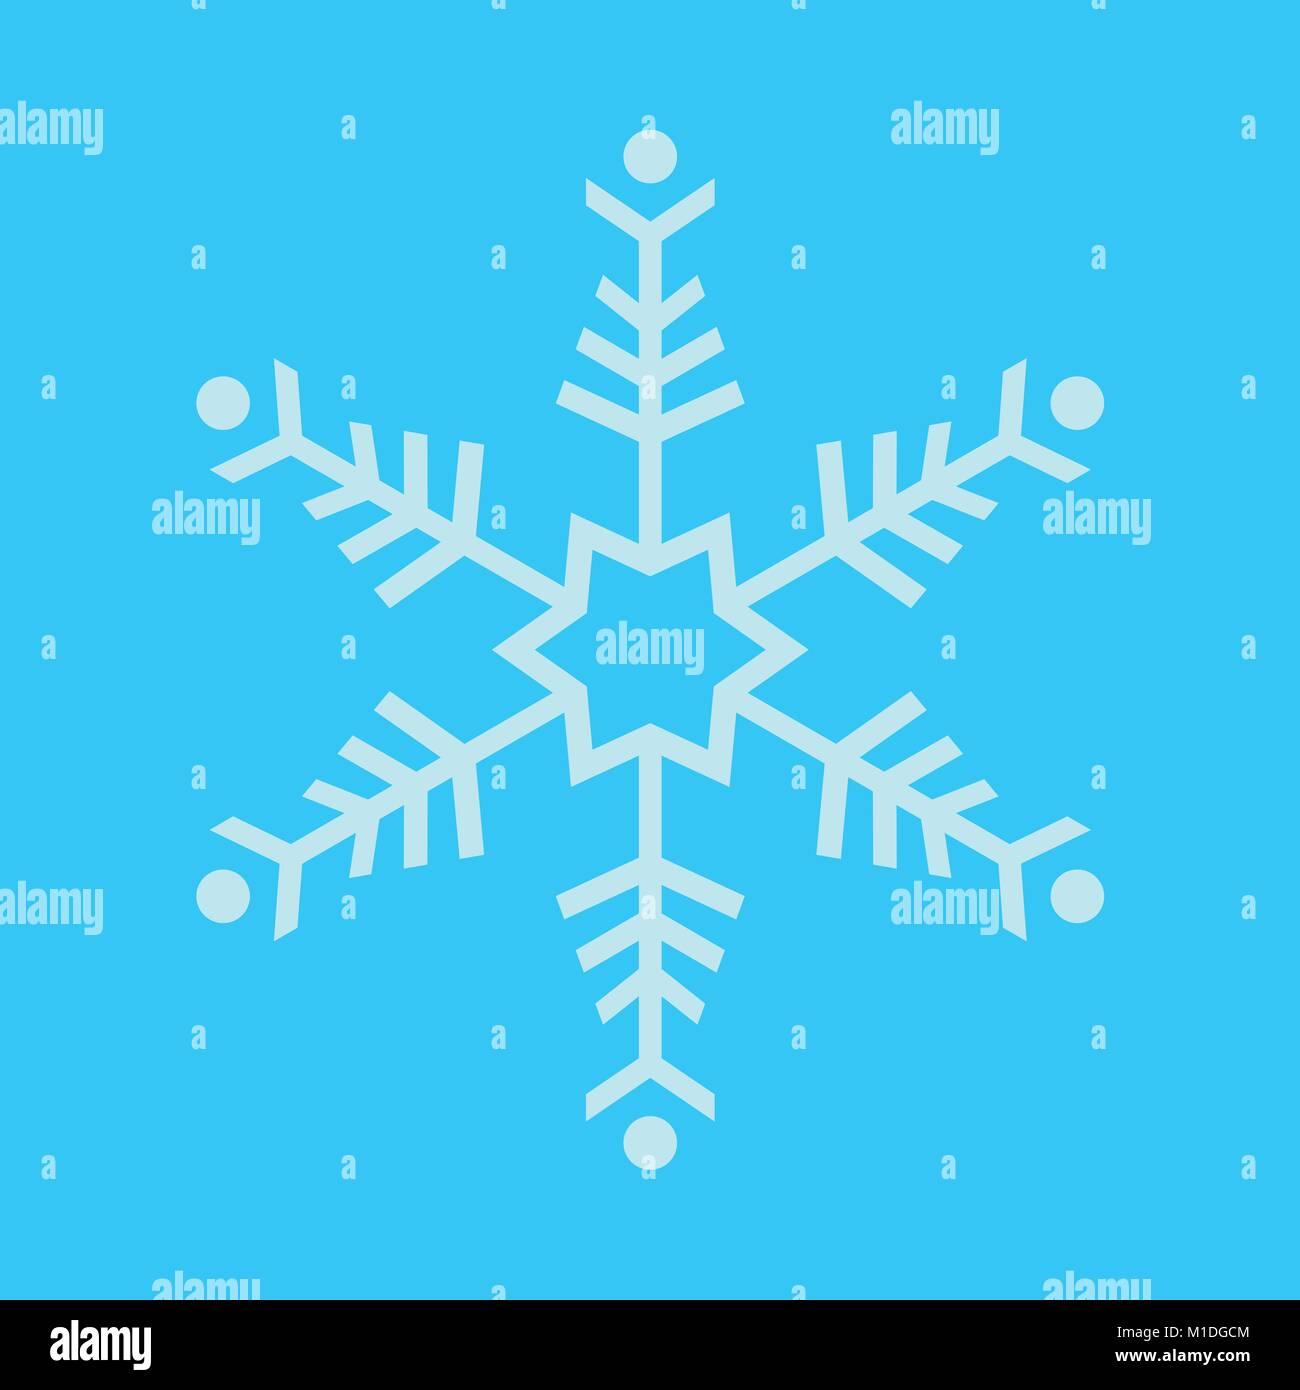 Semplice vettore di fiocco di neve illustrazione grafica simbolo segno di Design Immagini Stock